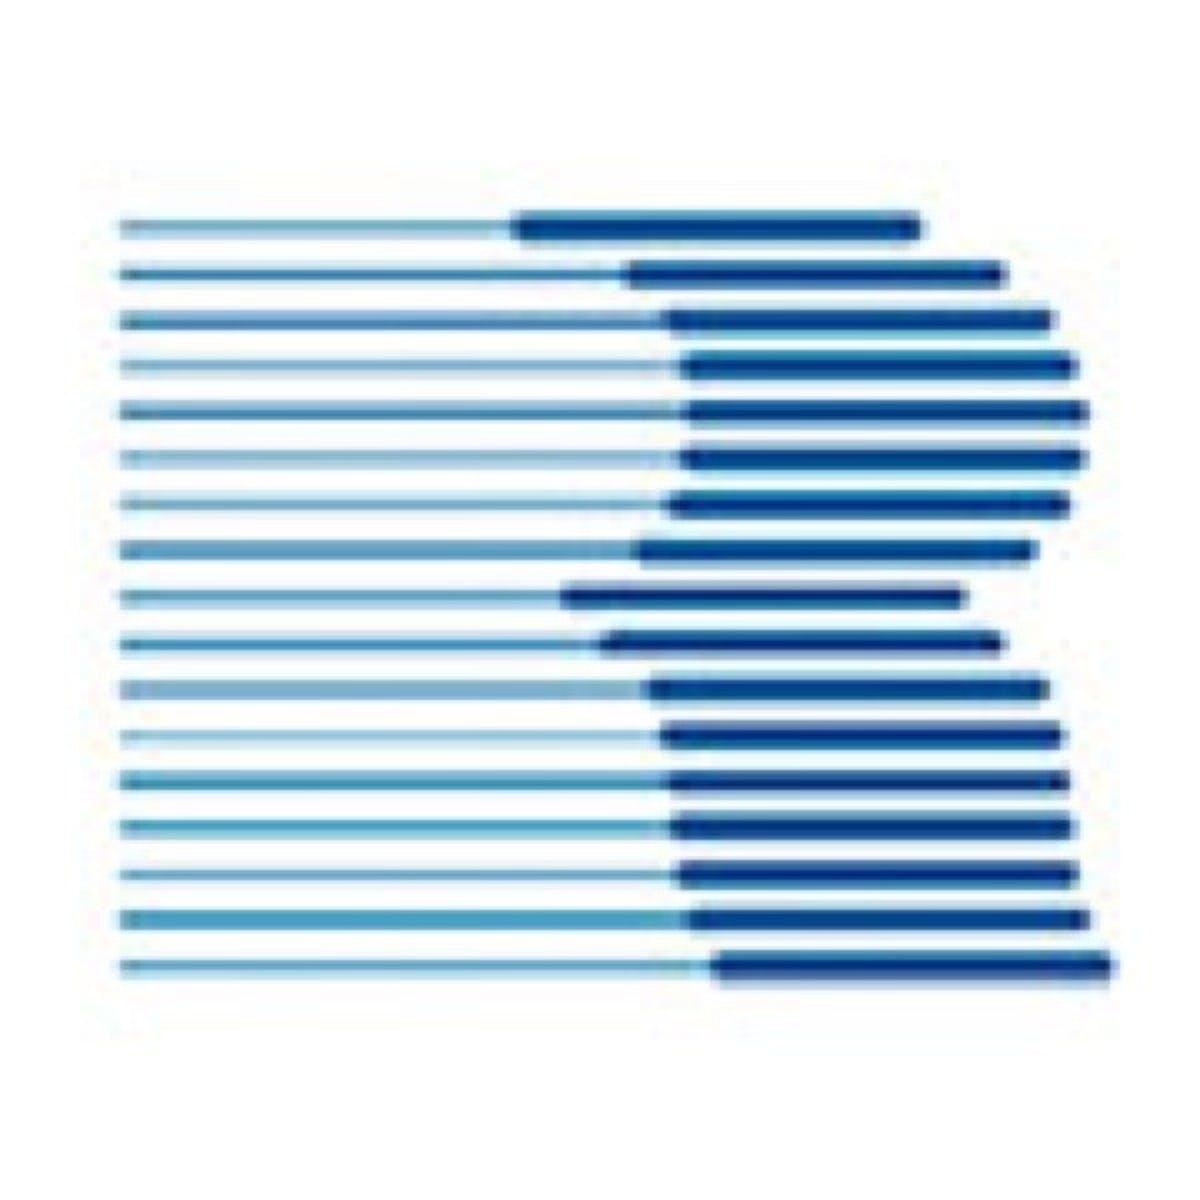 Fachinformatiker für Systemintegration (m/w/d) - Schwerpunkt Linux